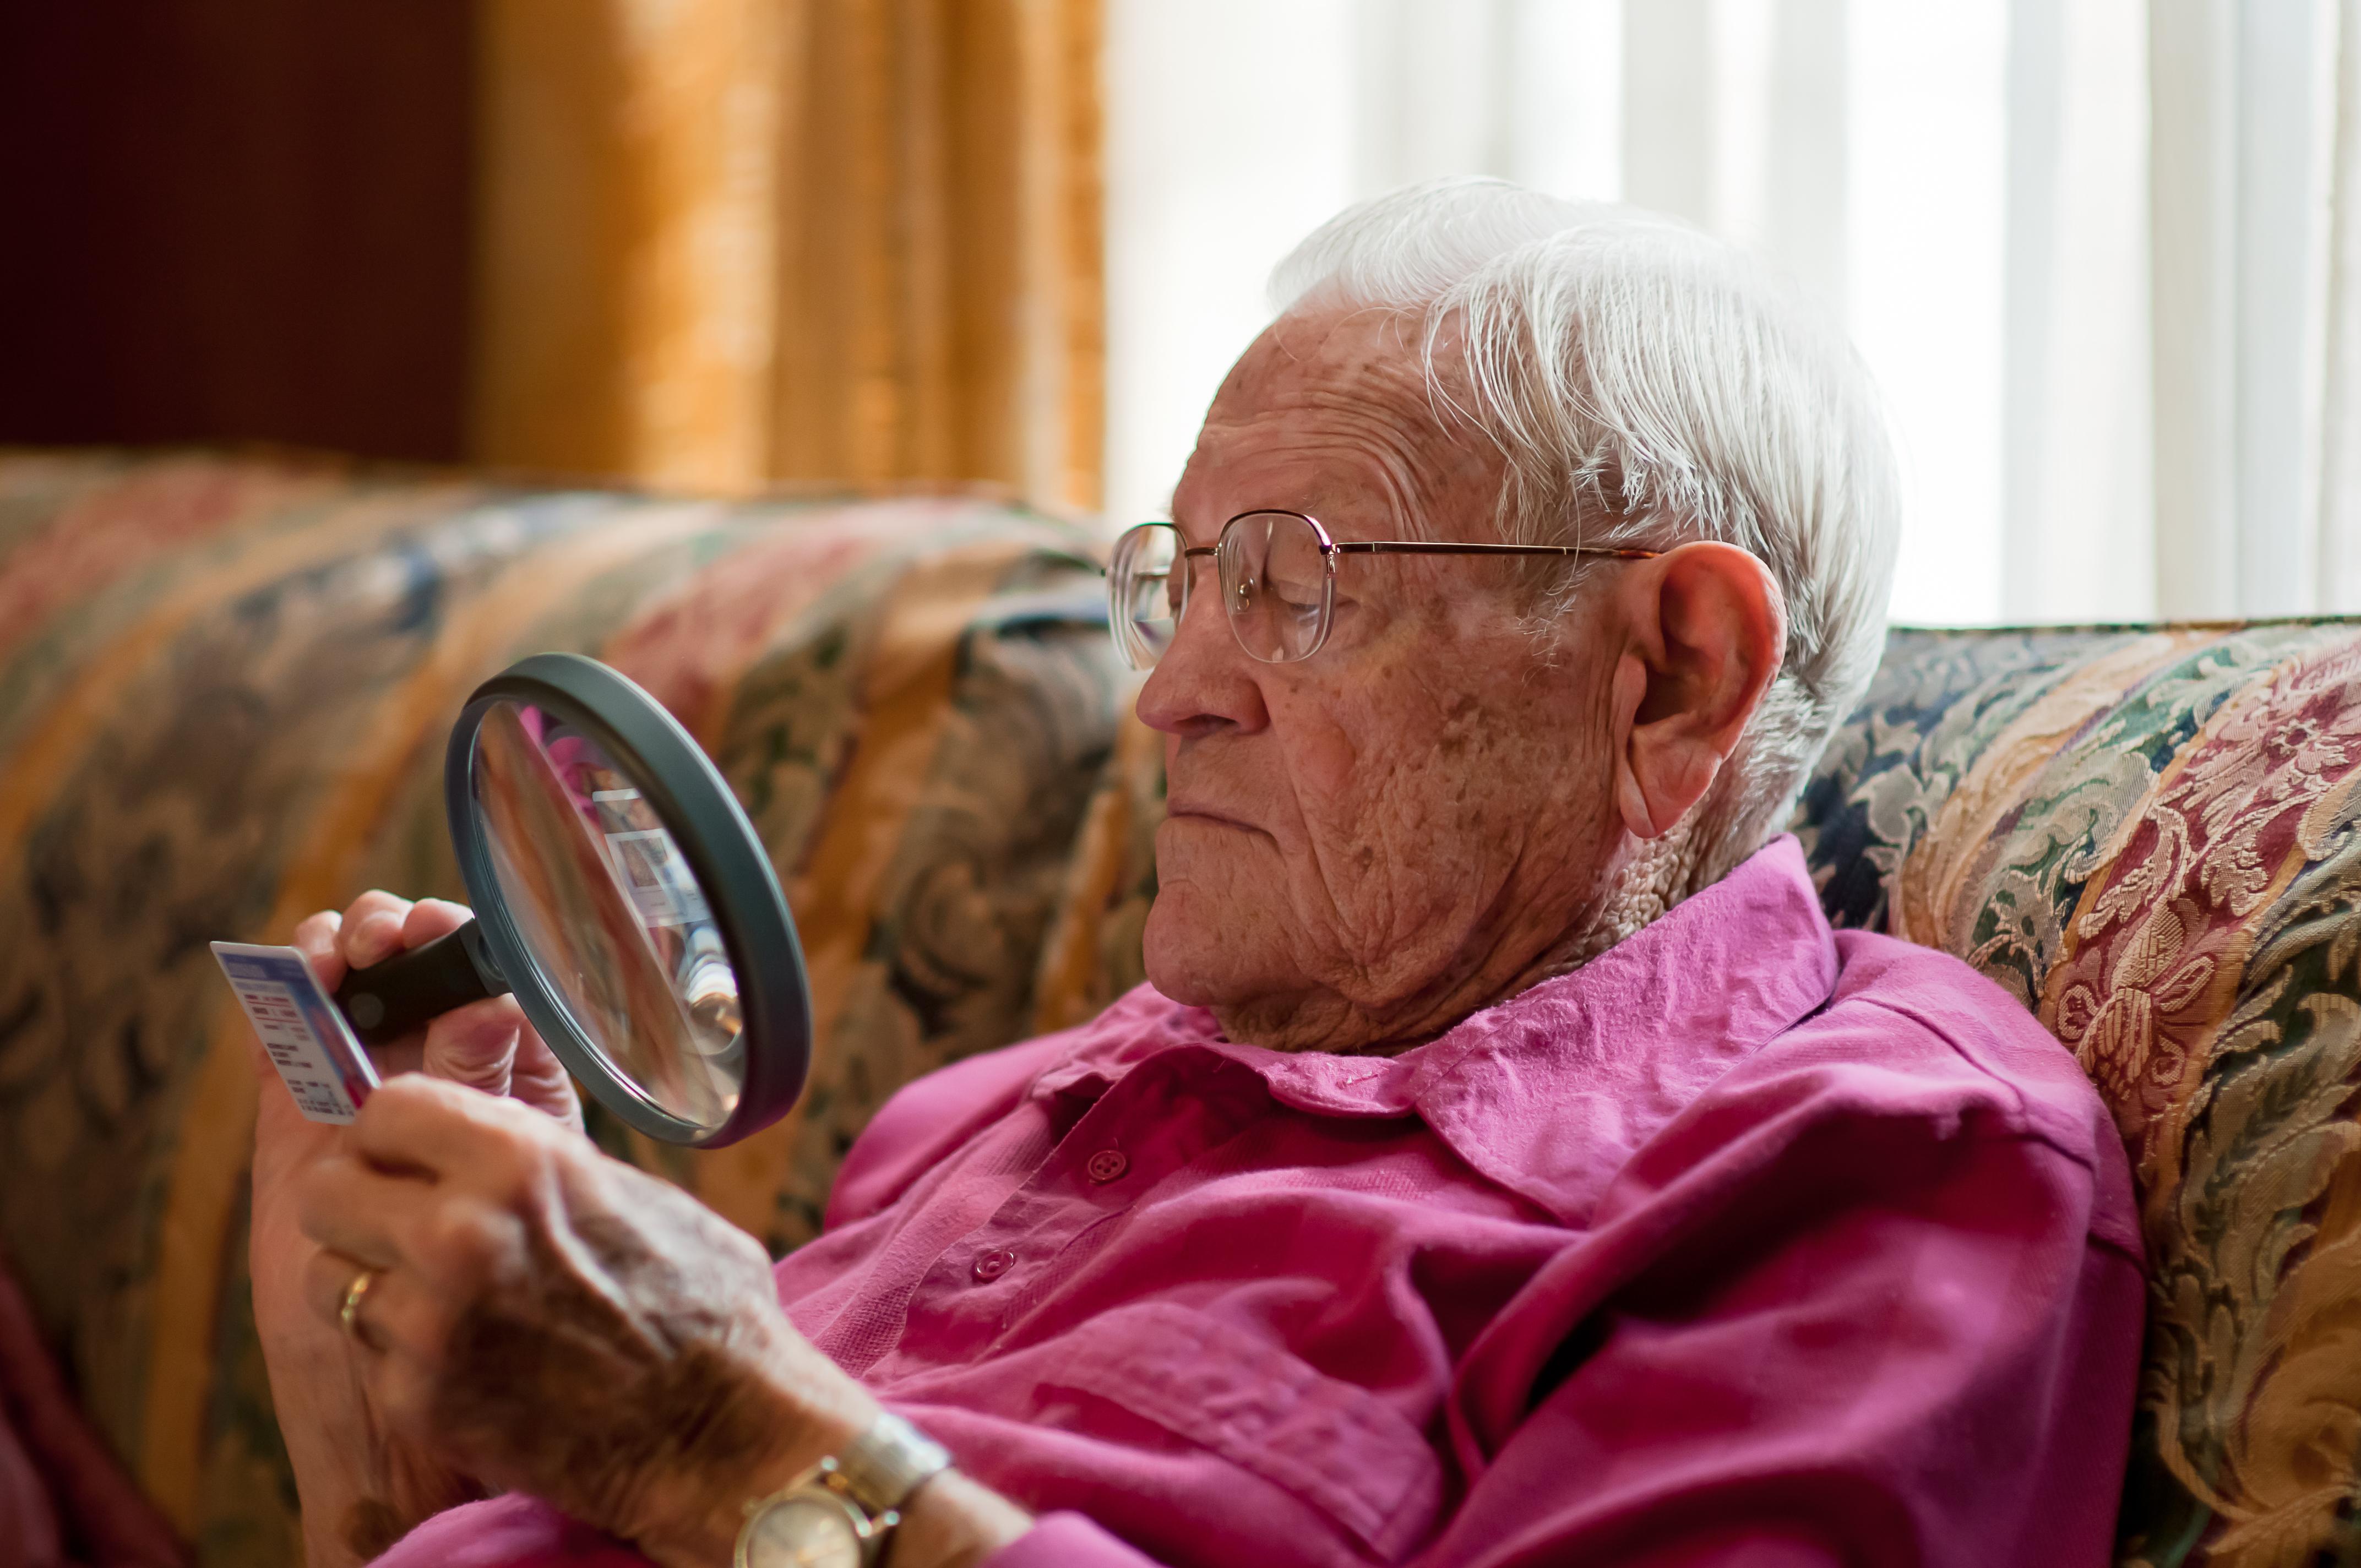 La Degeneració Macular Associada a l'Edat (DMAE)